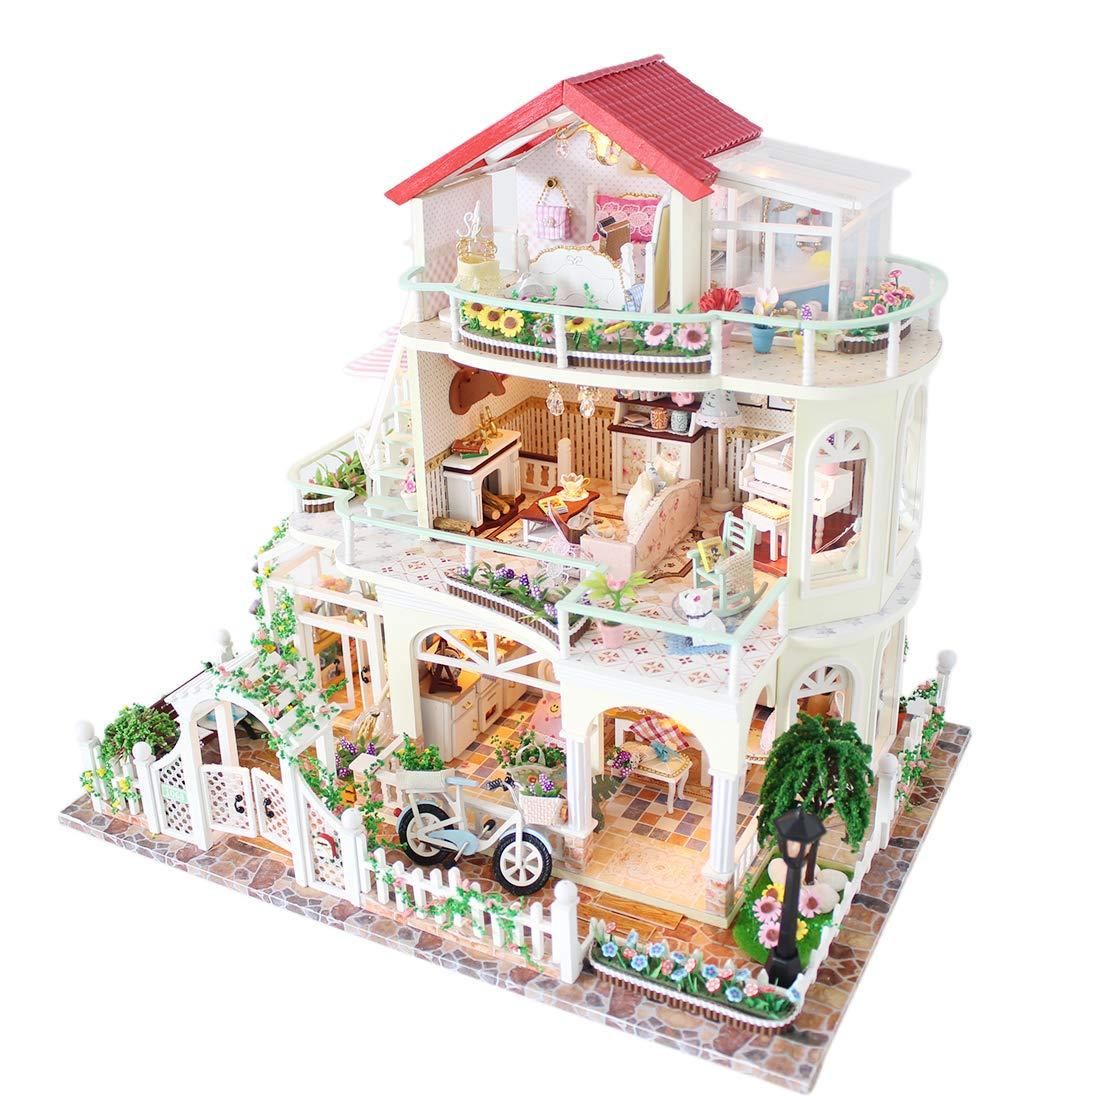 Seciie DIY Puppenhaus aus Holz mit Zubehör Miniatur Dollhouse Kits mit Licht und Musik für Jugendliche und Erwachsene, Höhe 29,5cm